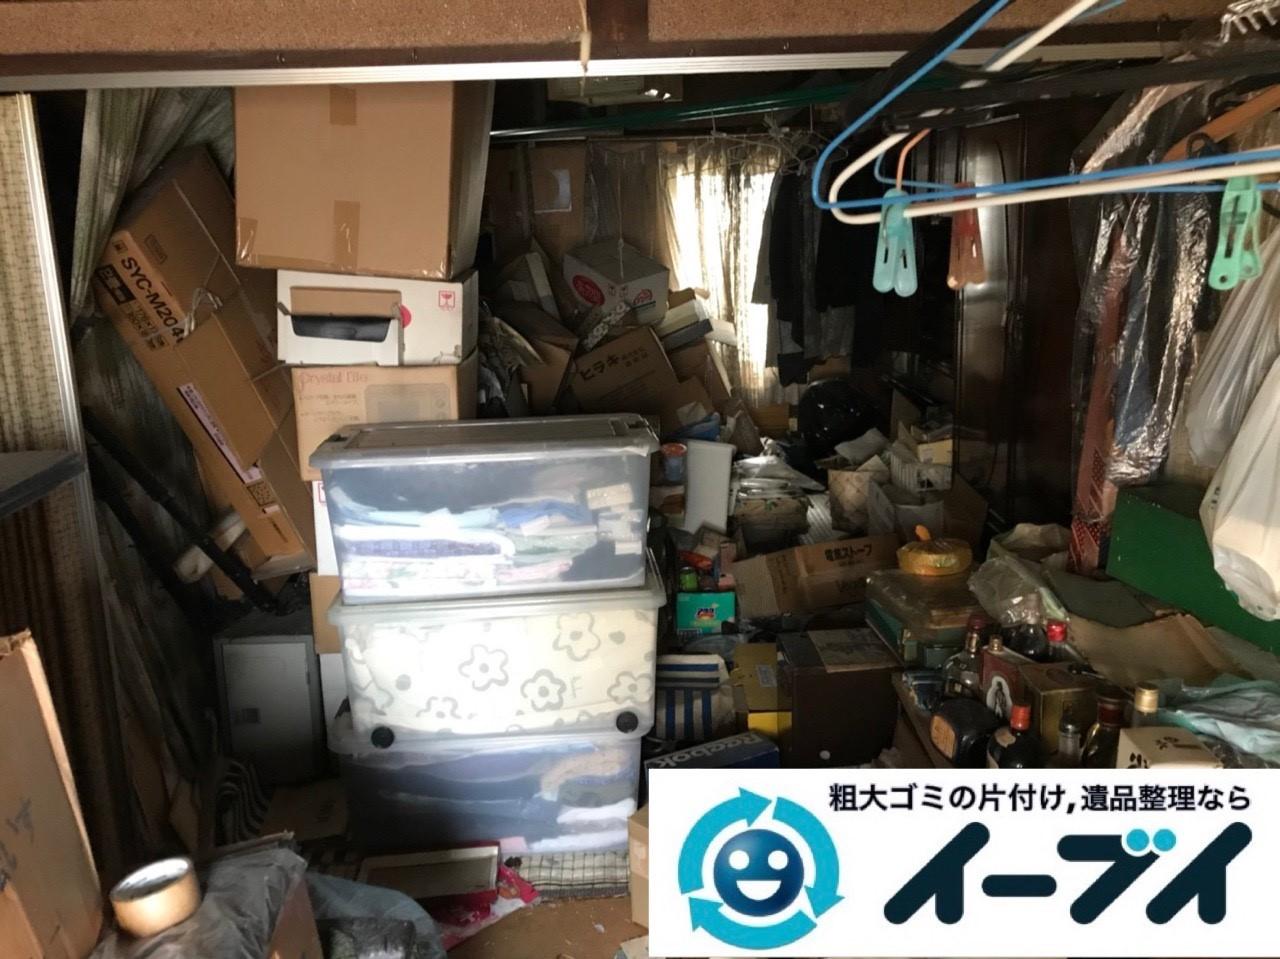 2019年5月3日大阪府堺市西区で箪笥や生活用品が散乱したゴミ屋敷の片付け作業。写真1